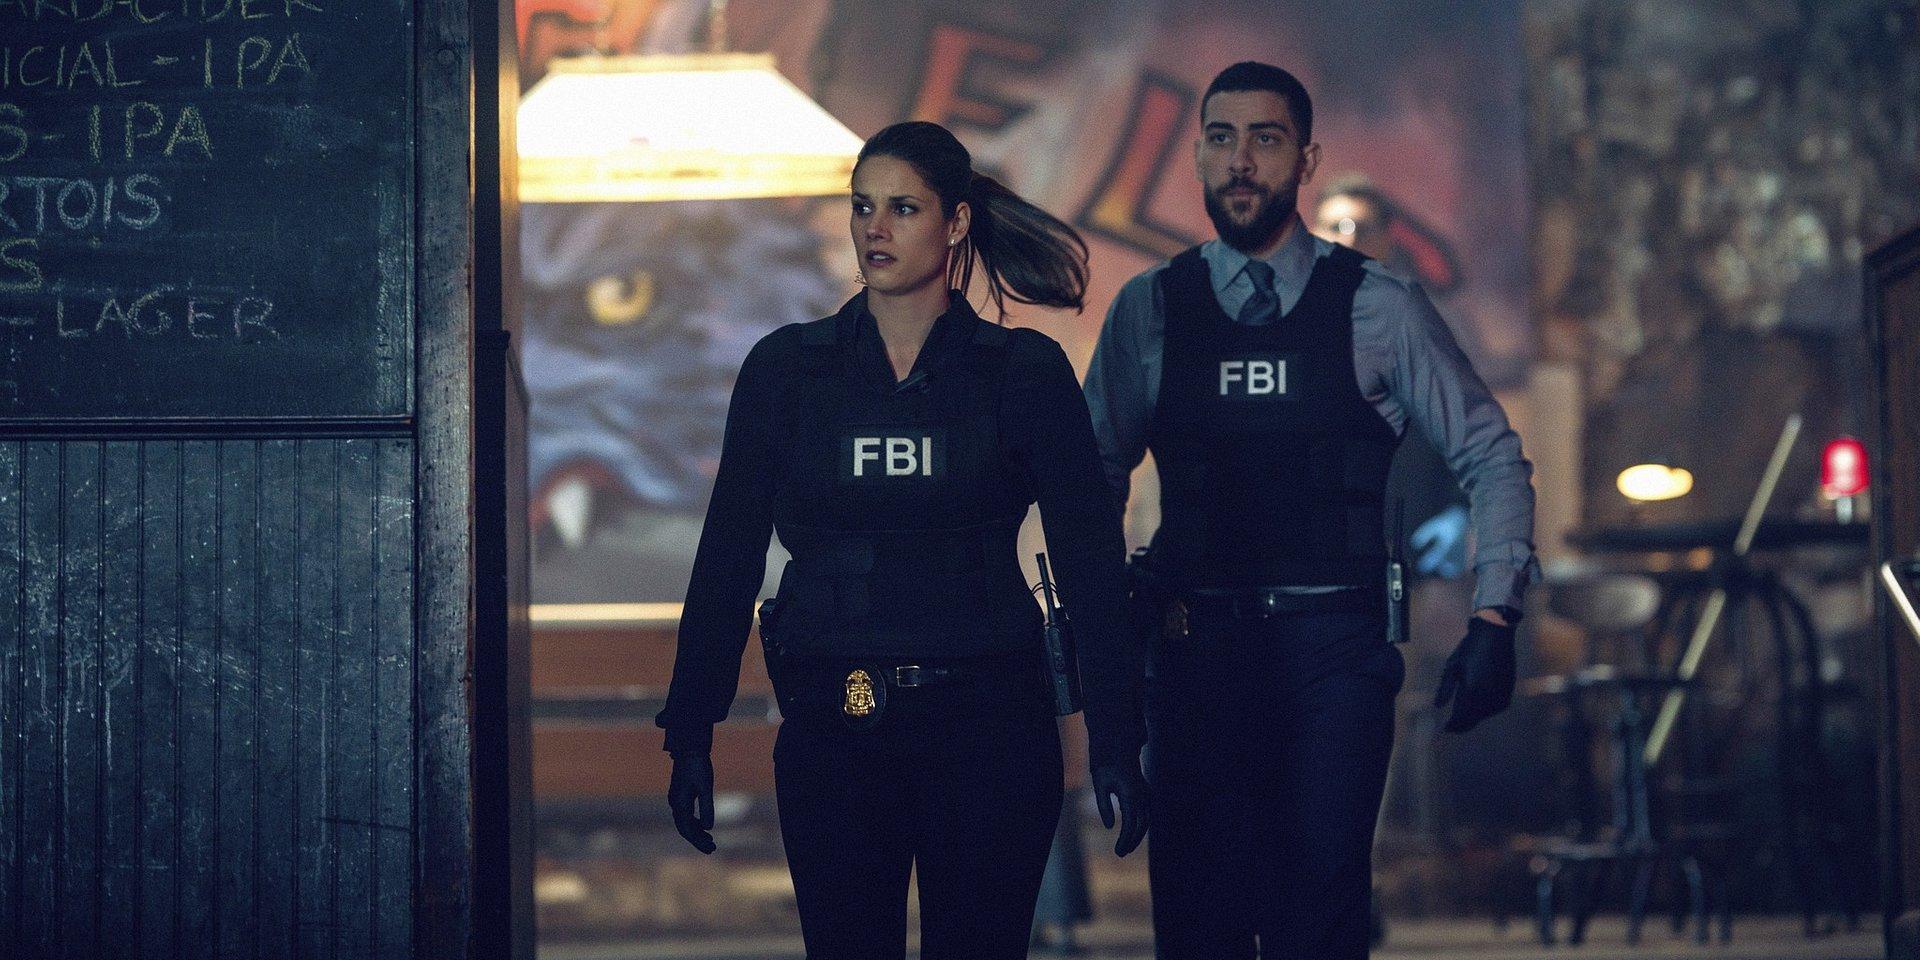 FOX ESTREIA EM PORTUGAL NOVO DRAMA POLICIAL 'FBI'